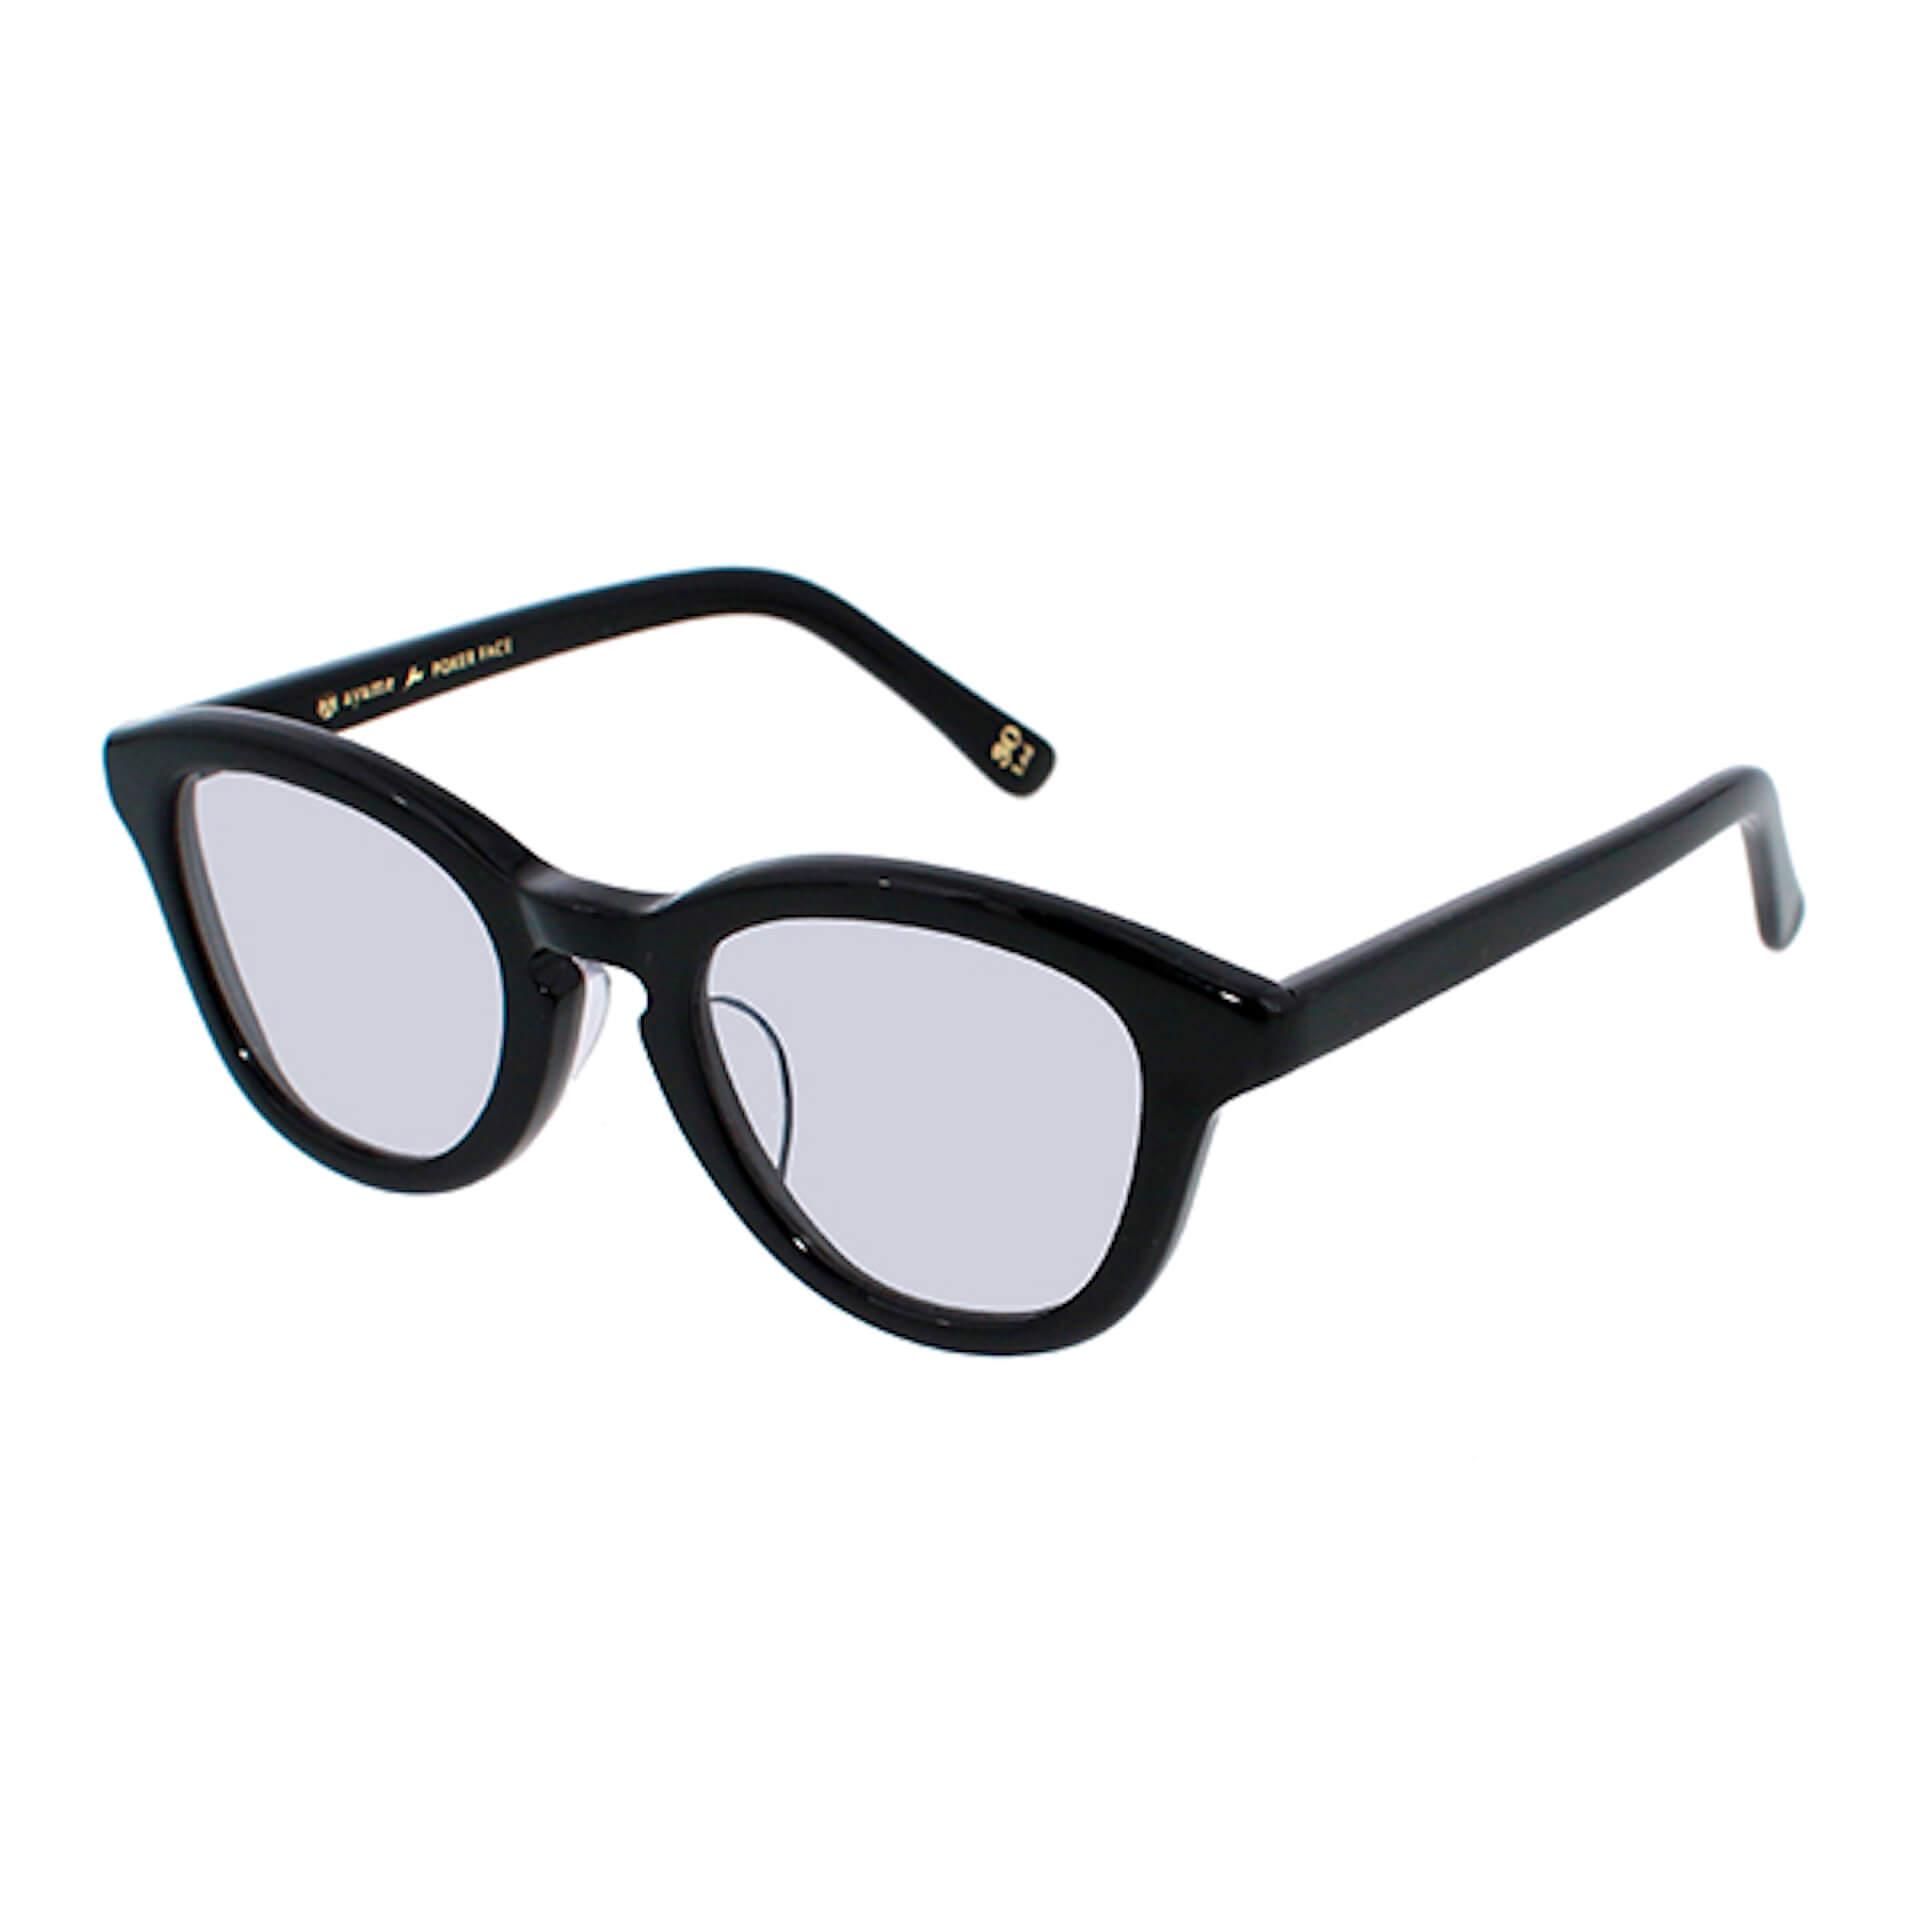 「POKER FACE」がアイウェアブランド「ayame」に別注をかけたセルロイド製の「曇らないサングラス」を発売決定! Fashion_210719_koro2